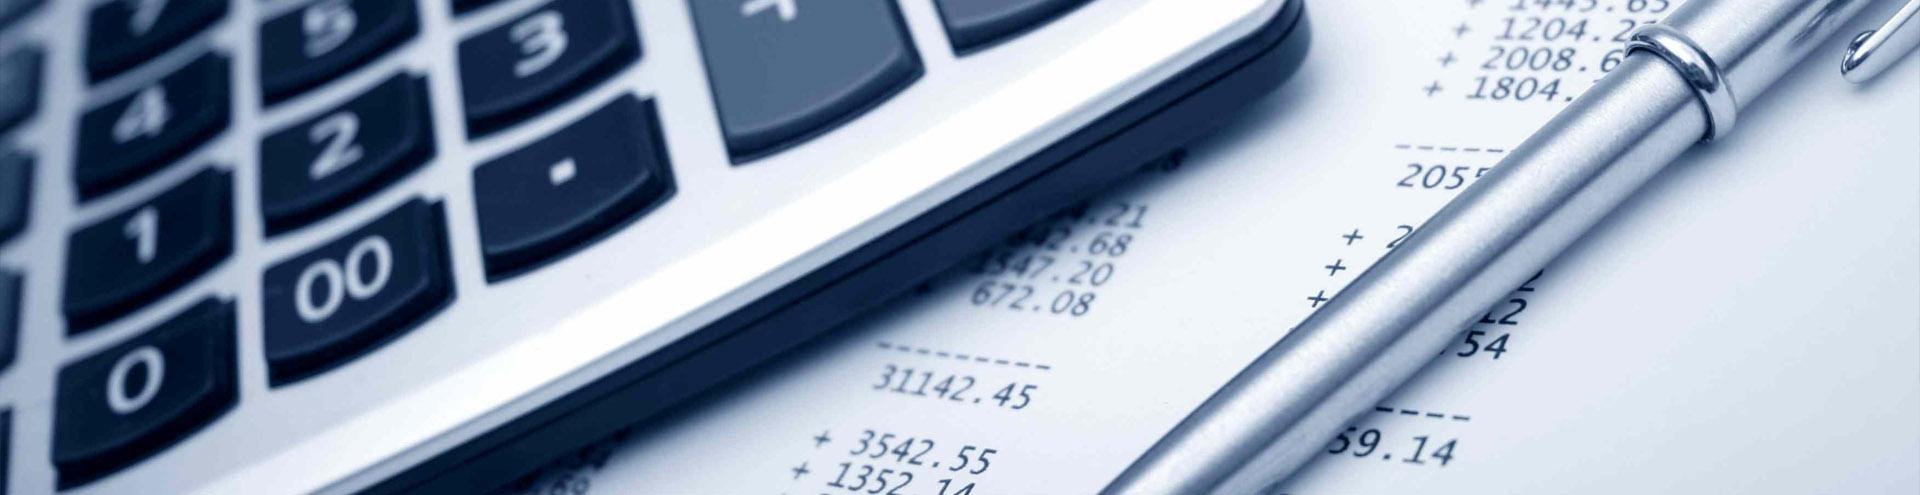 стоимость юридических услуг в Астрахани